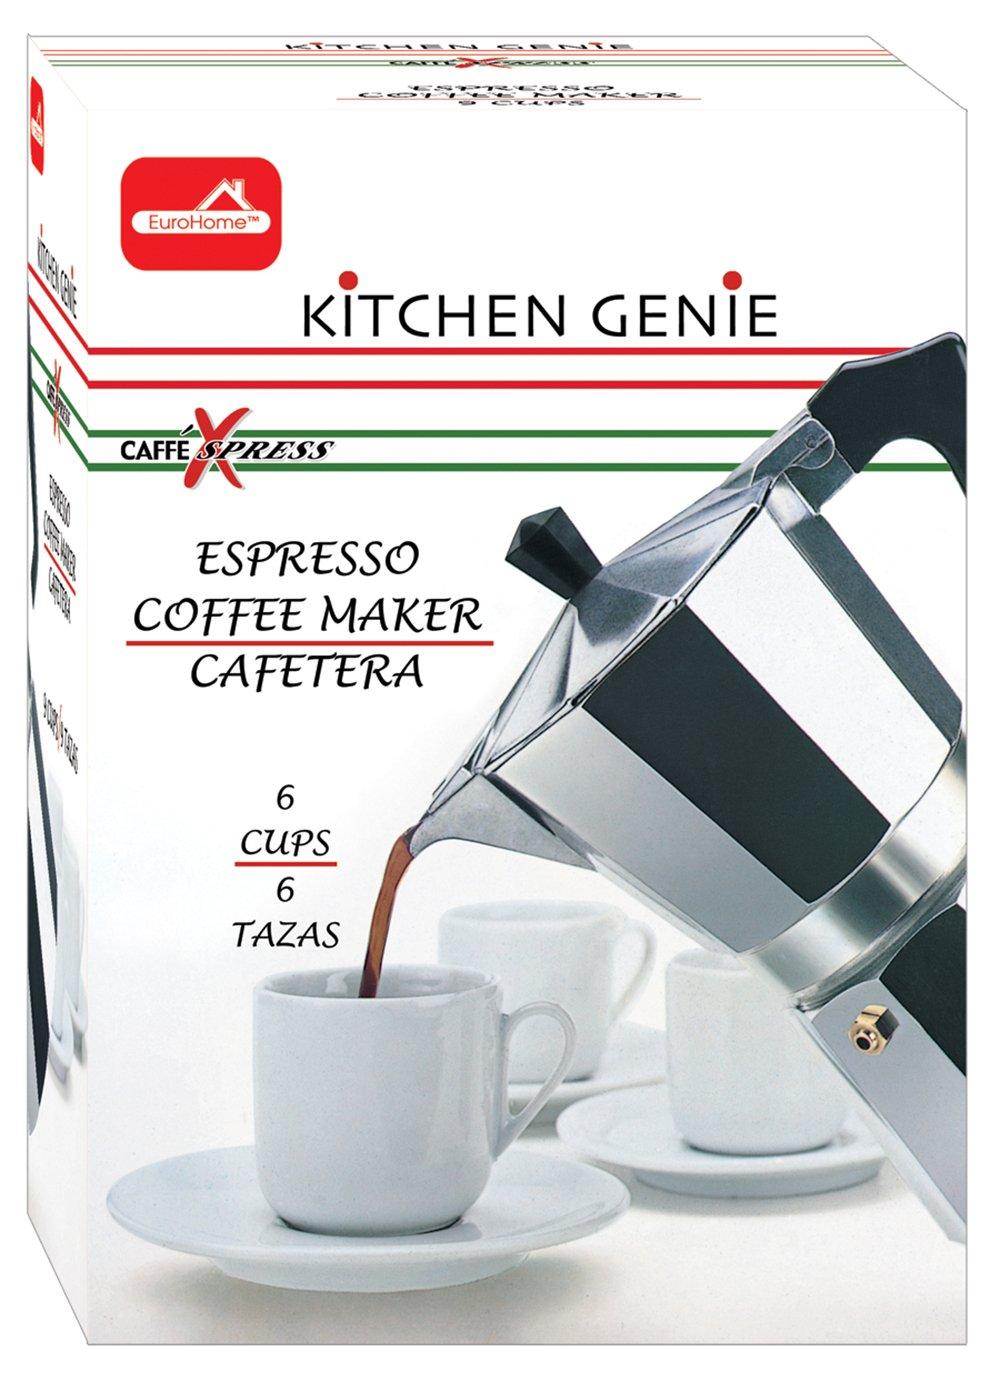 Euro-Home - CaffeXspress 6 Cup Aluminum Espresso Coffee Maker - Barista quality espresso maker. by Euro-Home (Image #2)